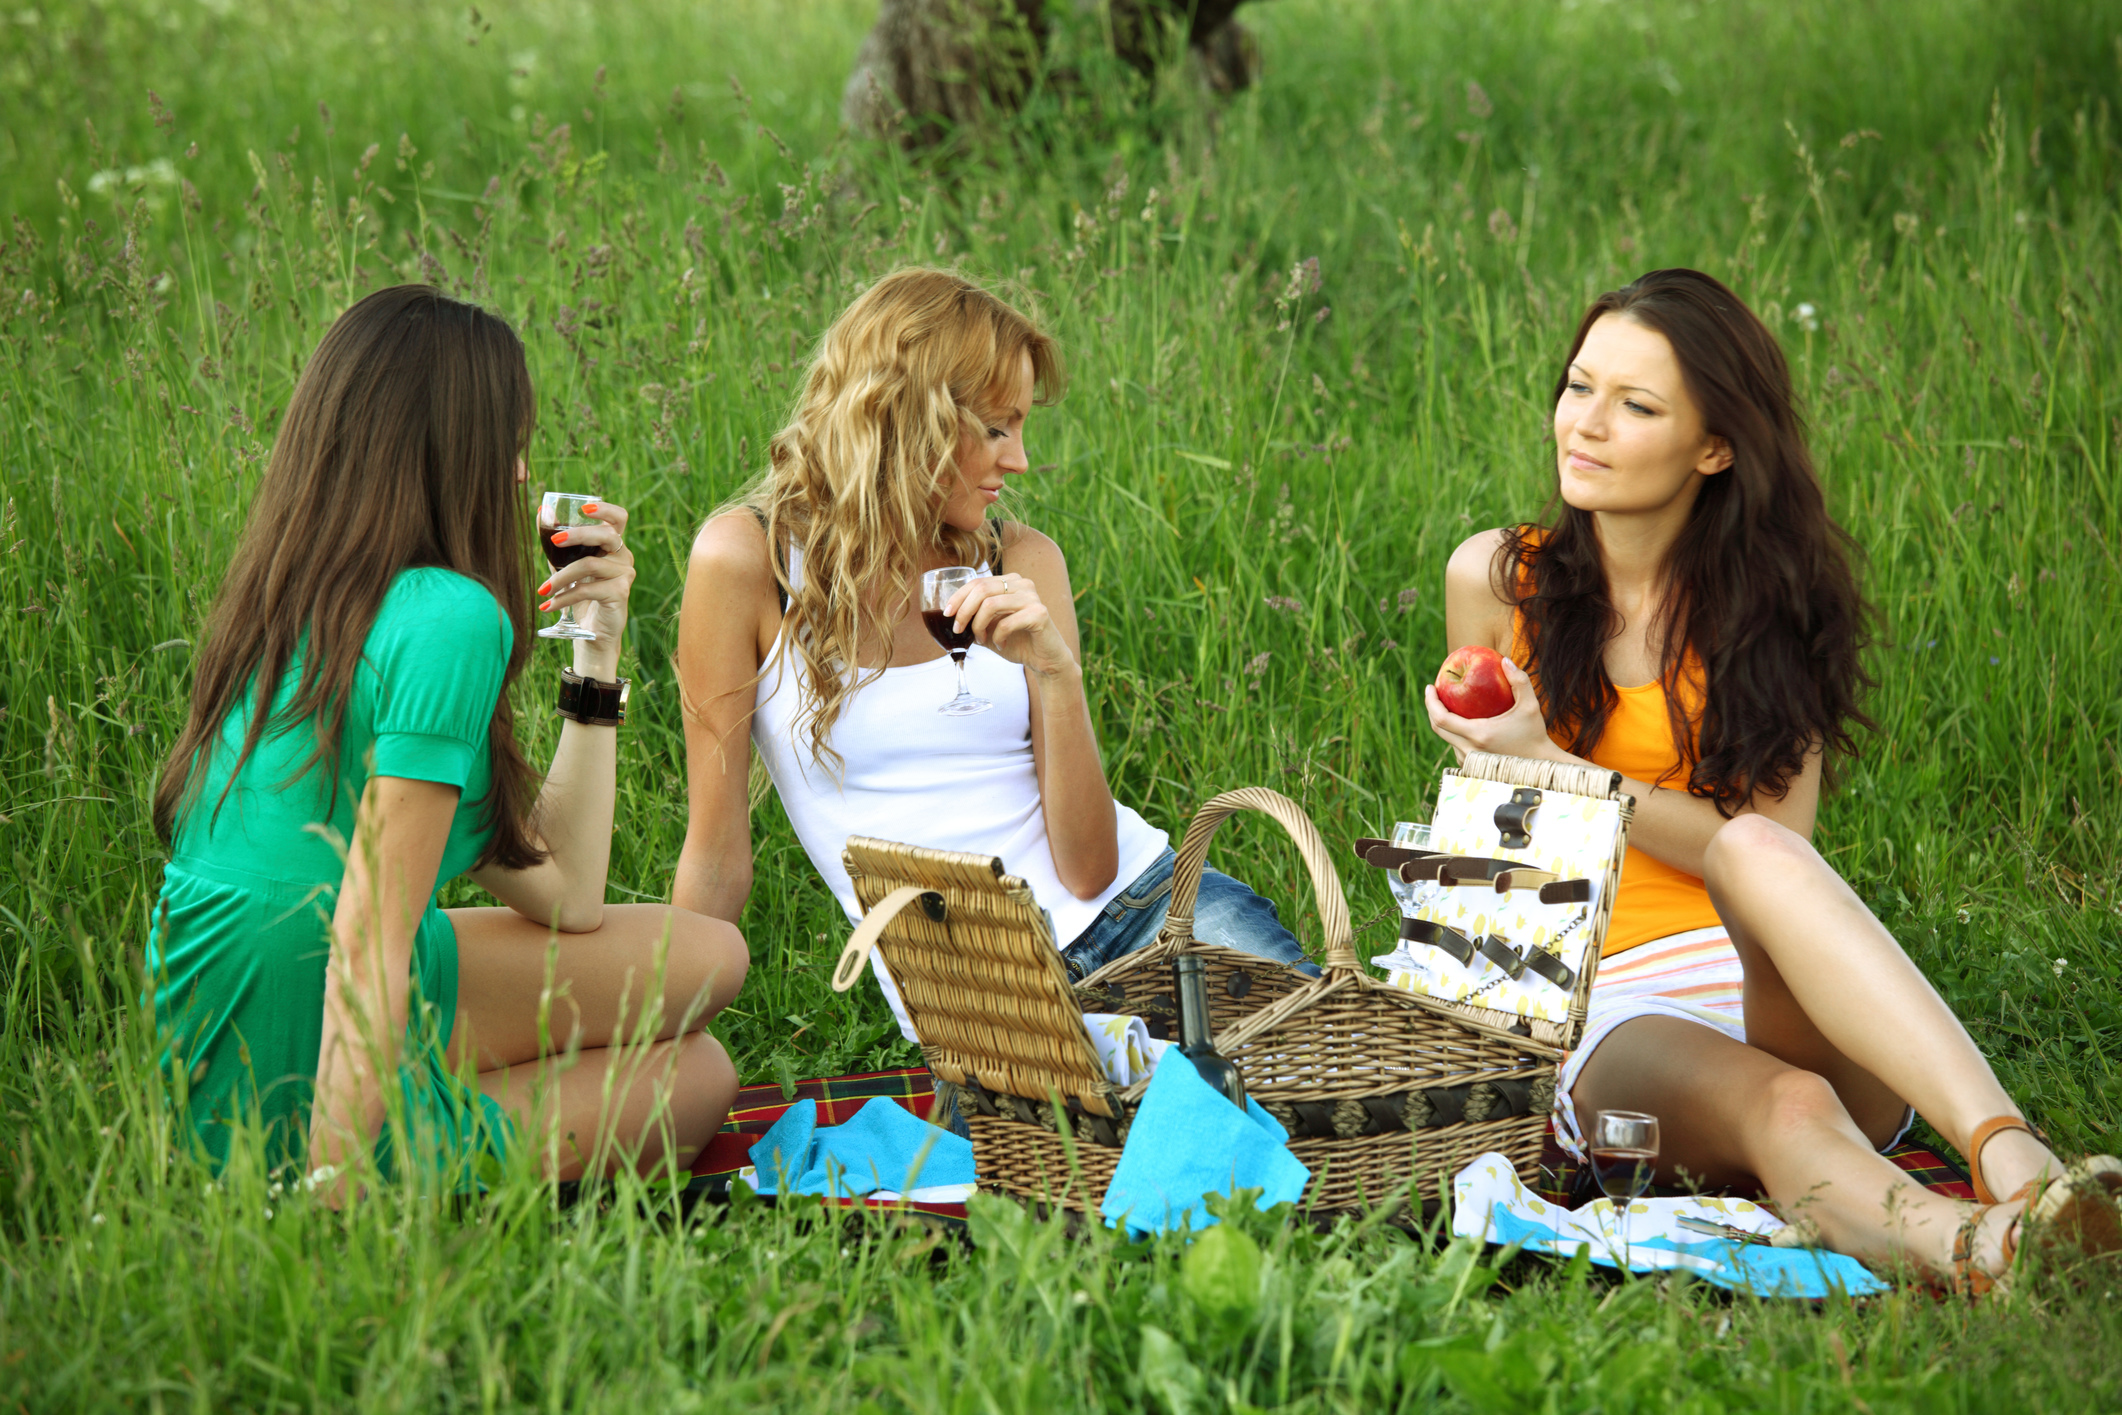 Фото две подружки в сперме, Фото сочных дырок подруги в сперме - Частные фото 8 фотография